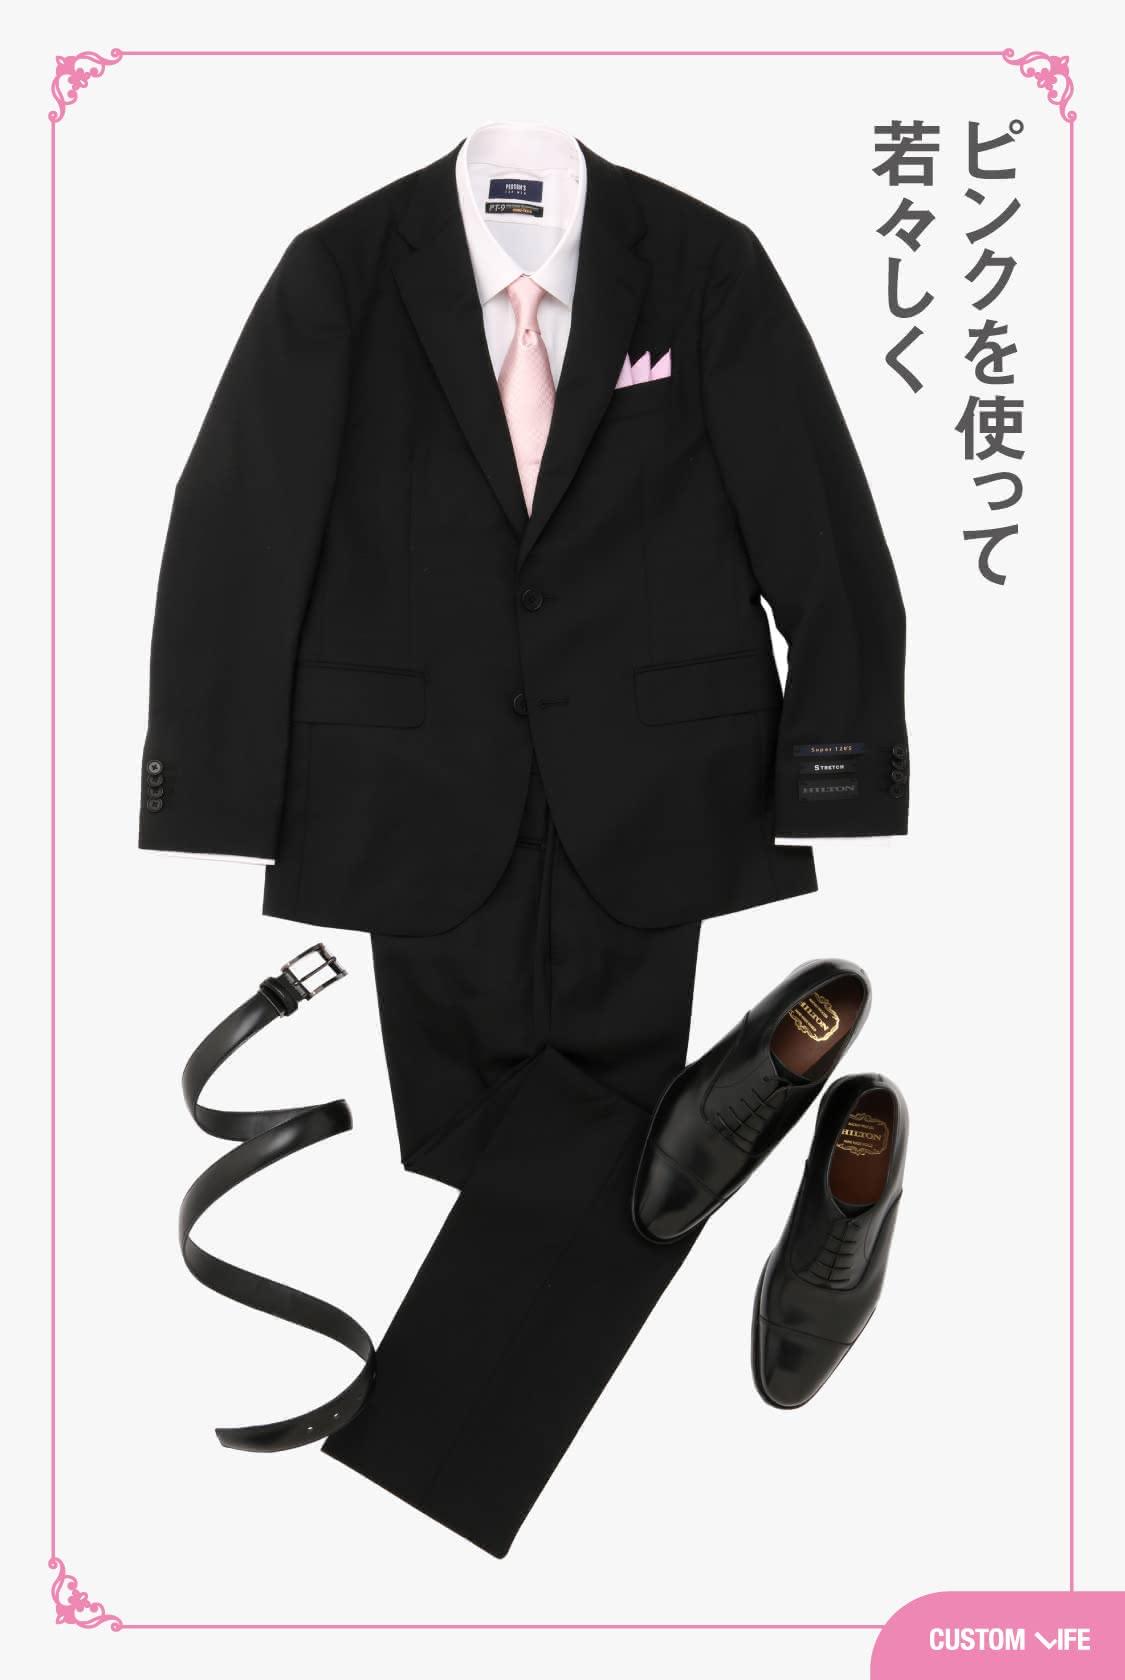 結婚式二次会,服装,男性